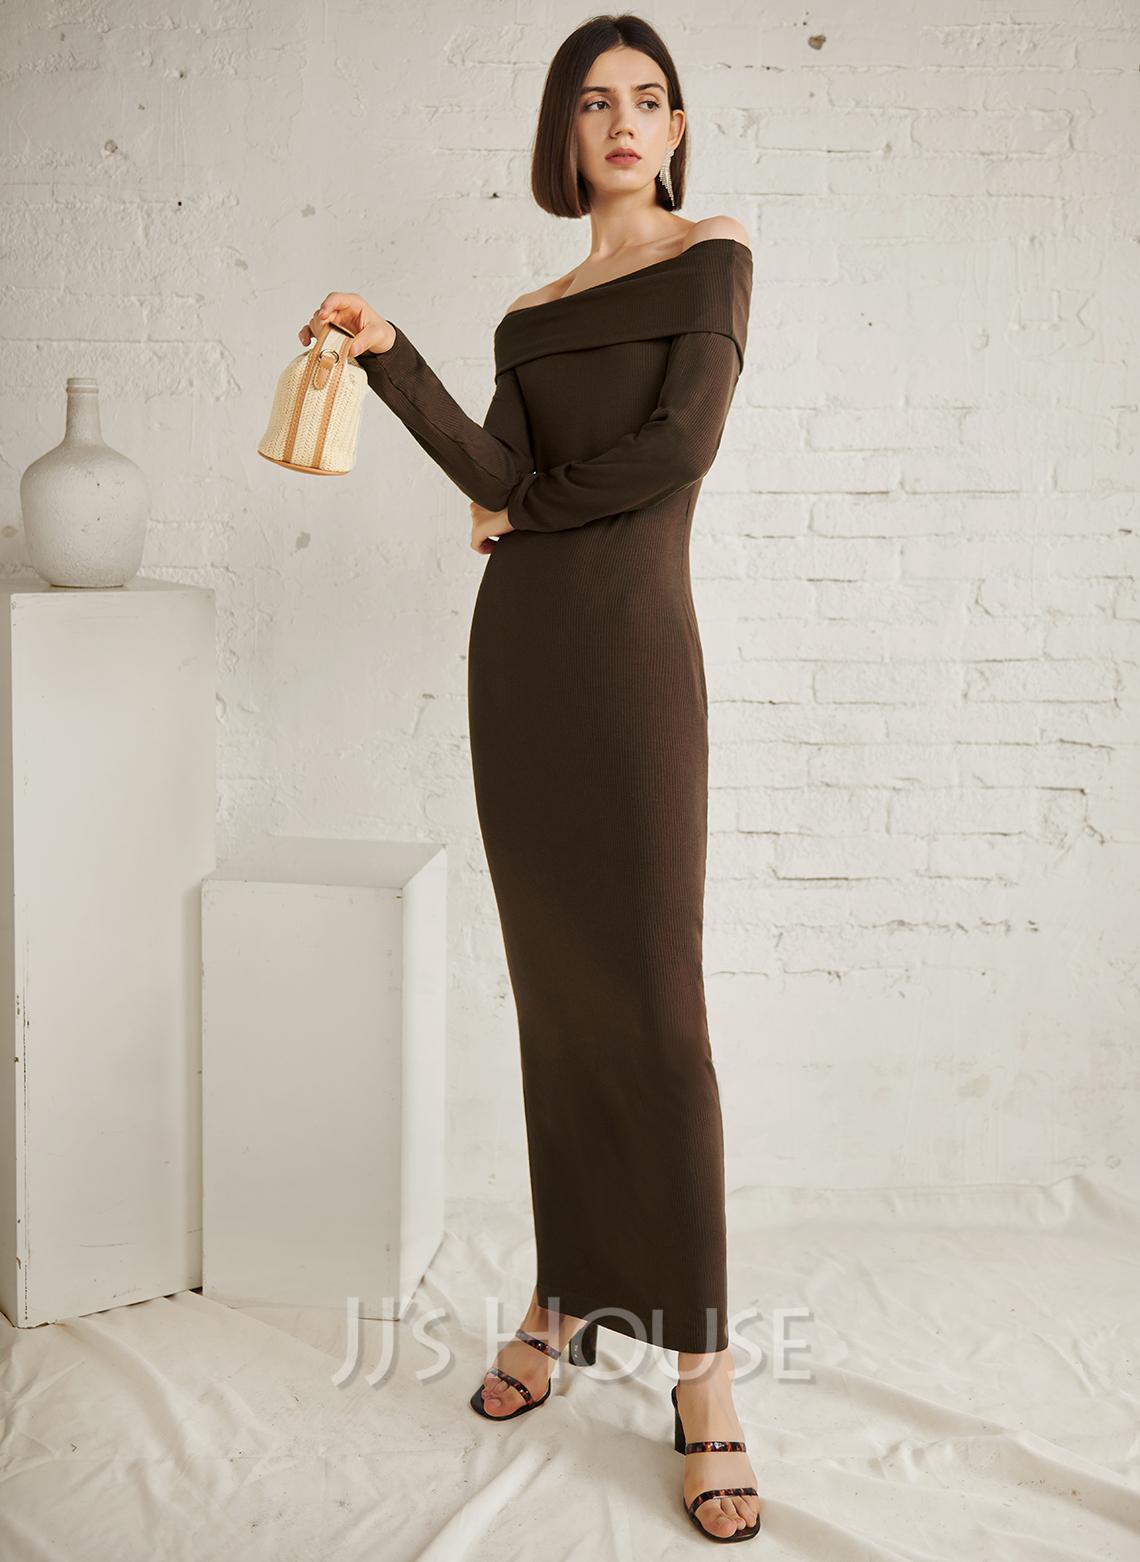 Linjeform Off-the-Shoulder Ankel-lengde Festkjole